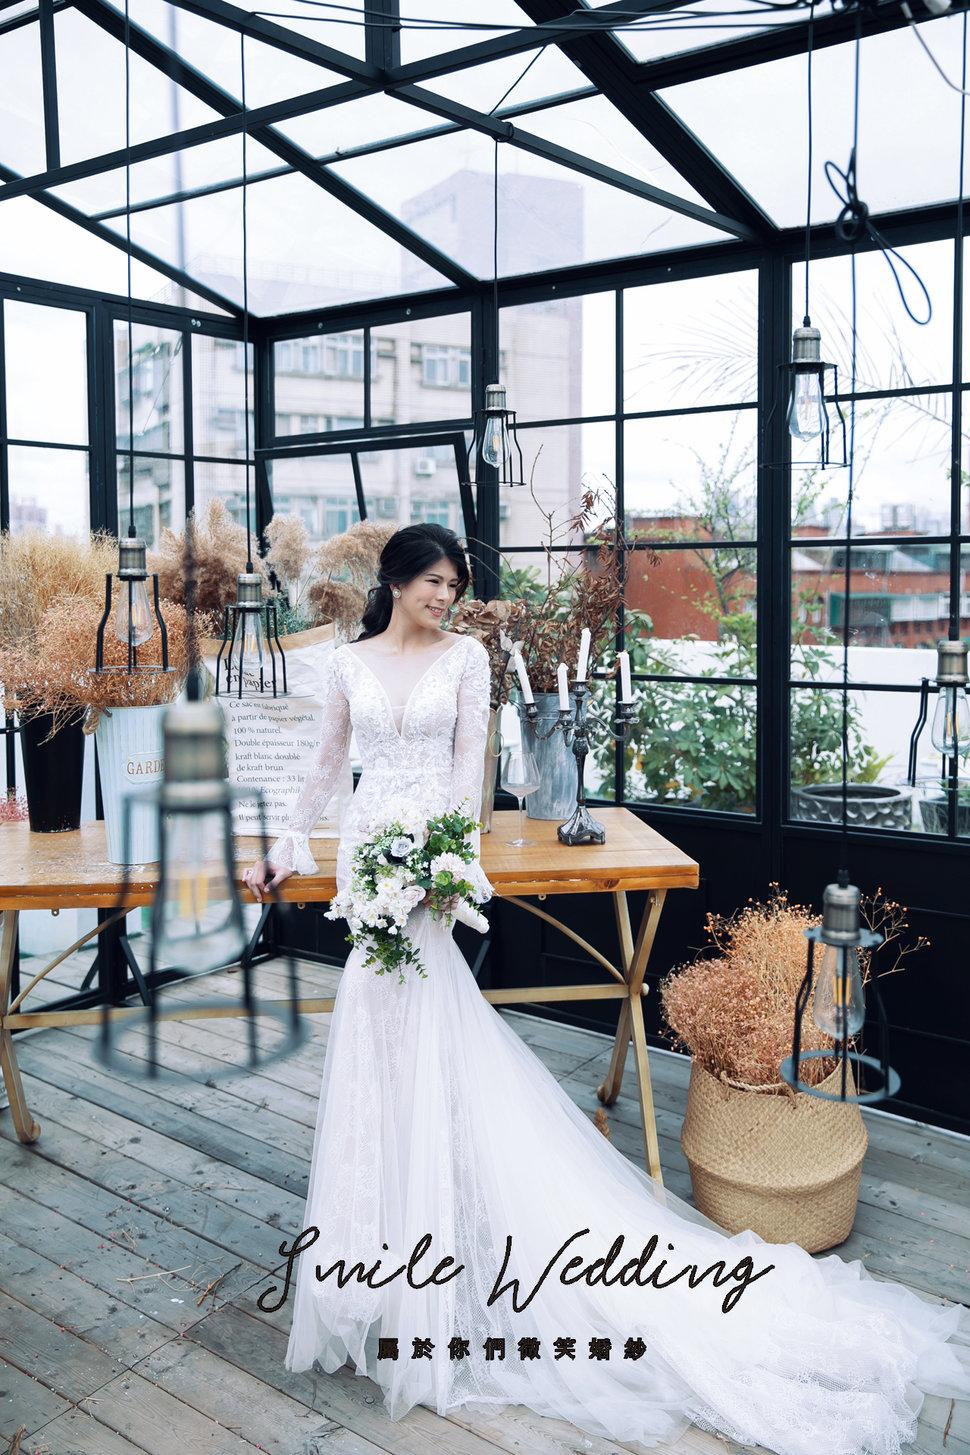 6W5A3041 - Smile wedding 微笑婚紗《結婚吧》